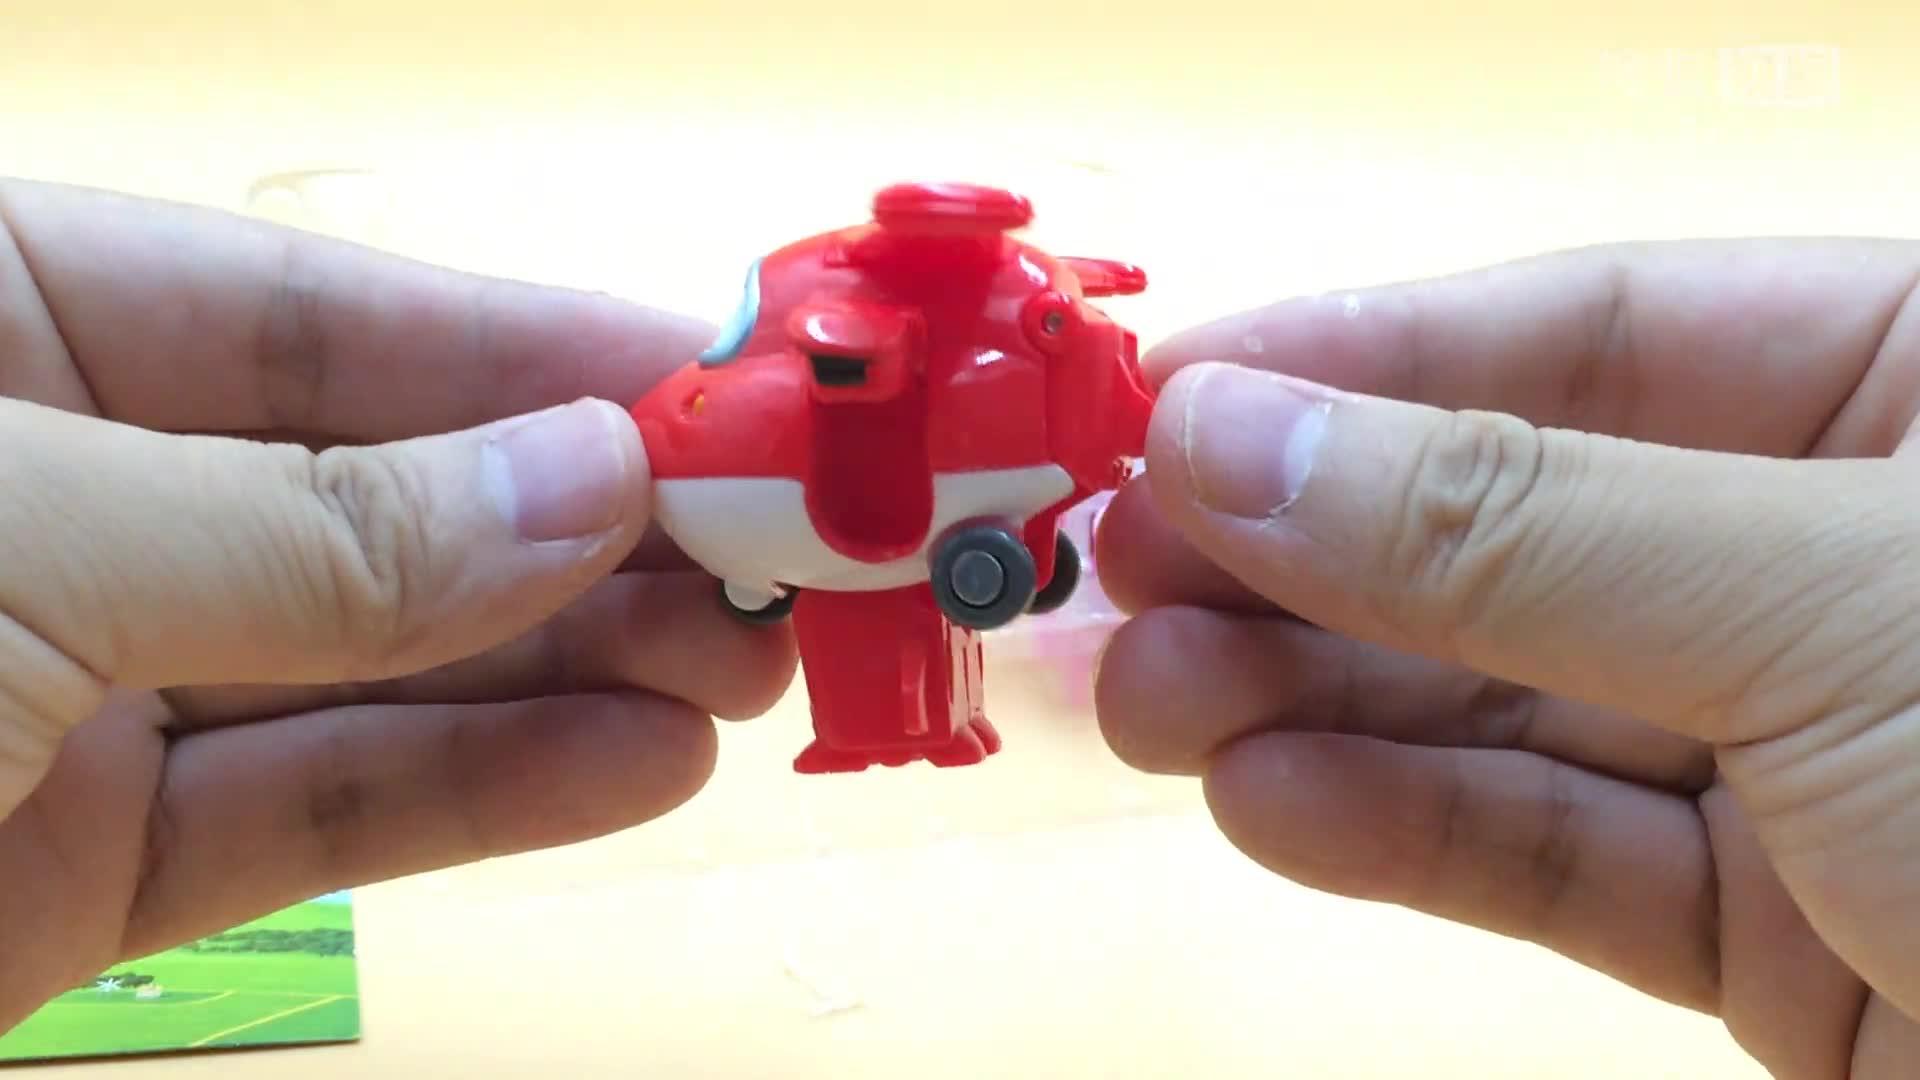 超级飞侠中文版玩具视频,飞机侠乐迪小爱多多酷飞,佩佩猪 暴走mc .